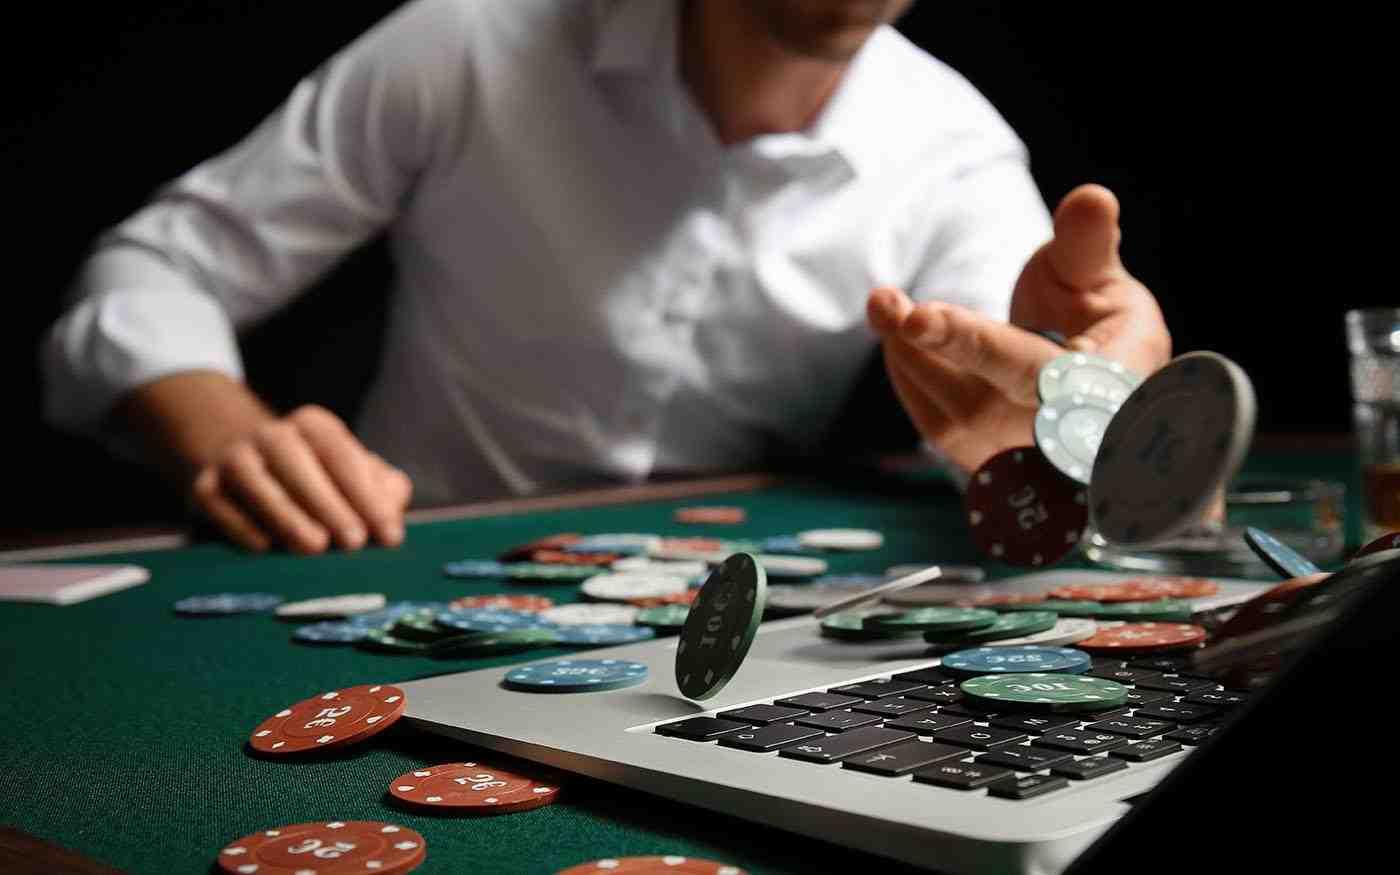 Qui joue aux jeux de hasard ?